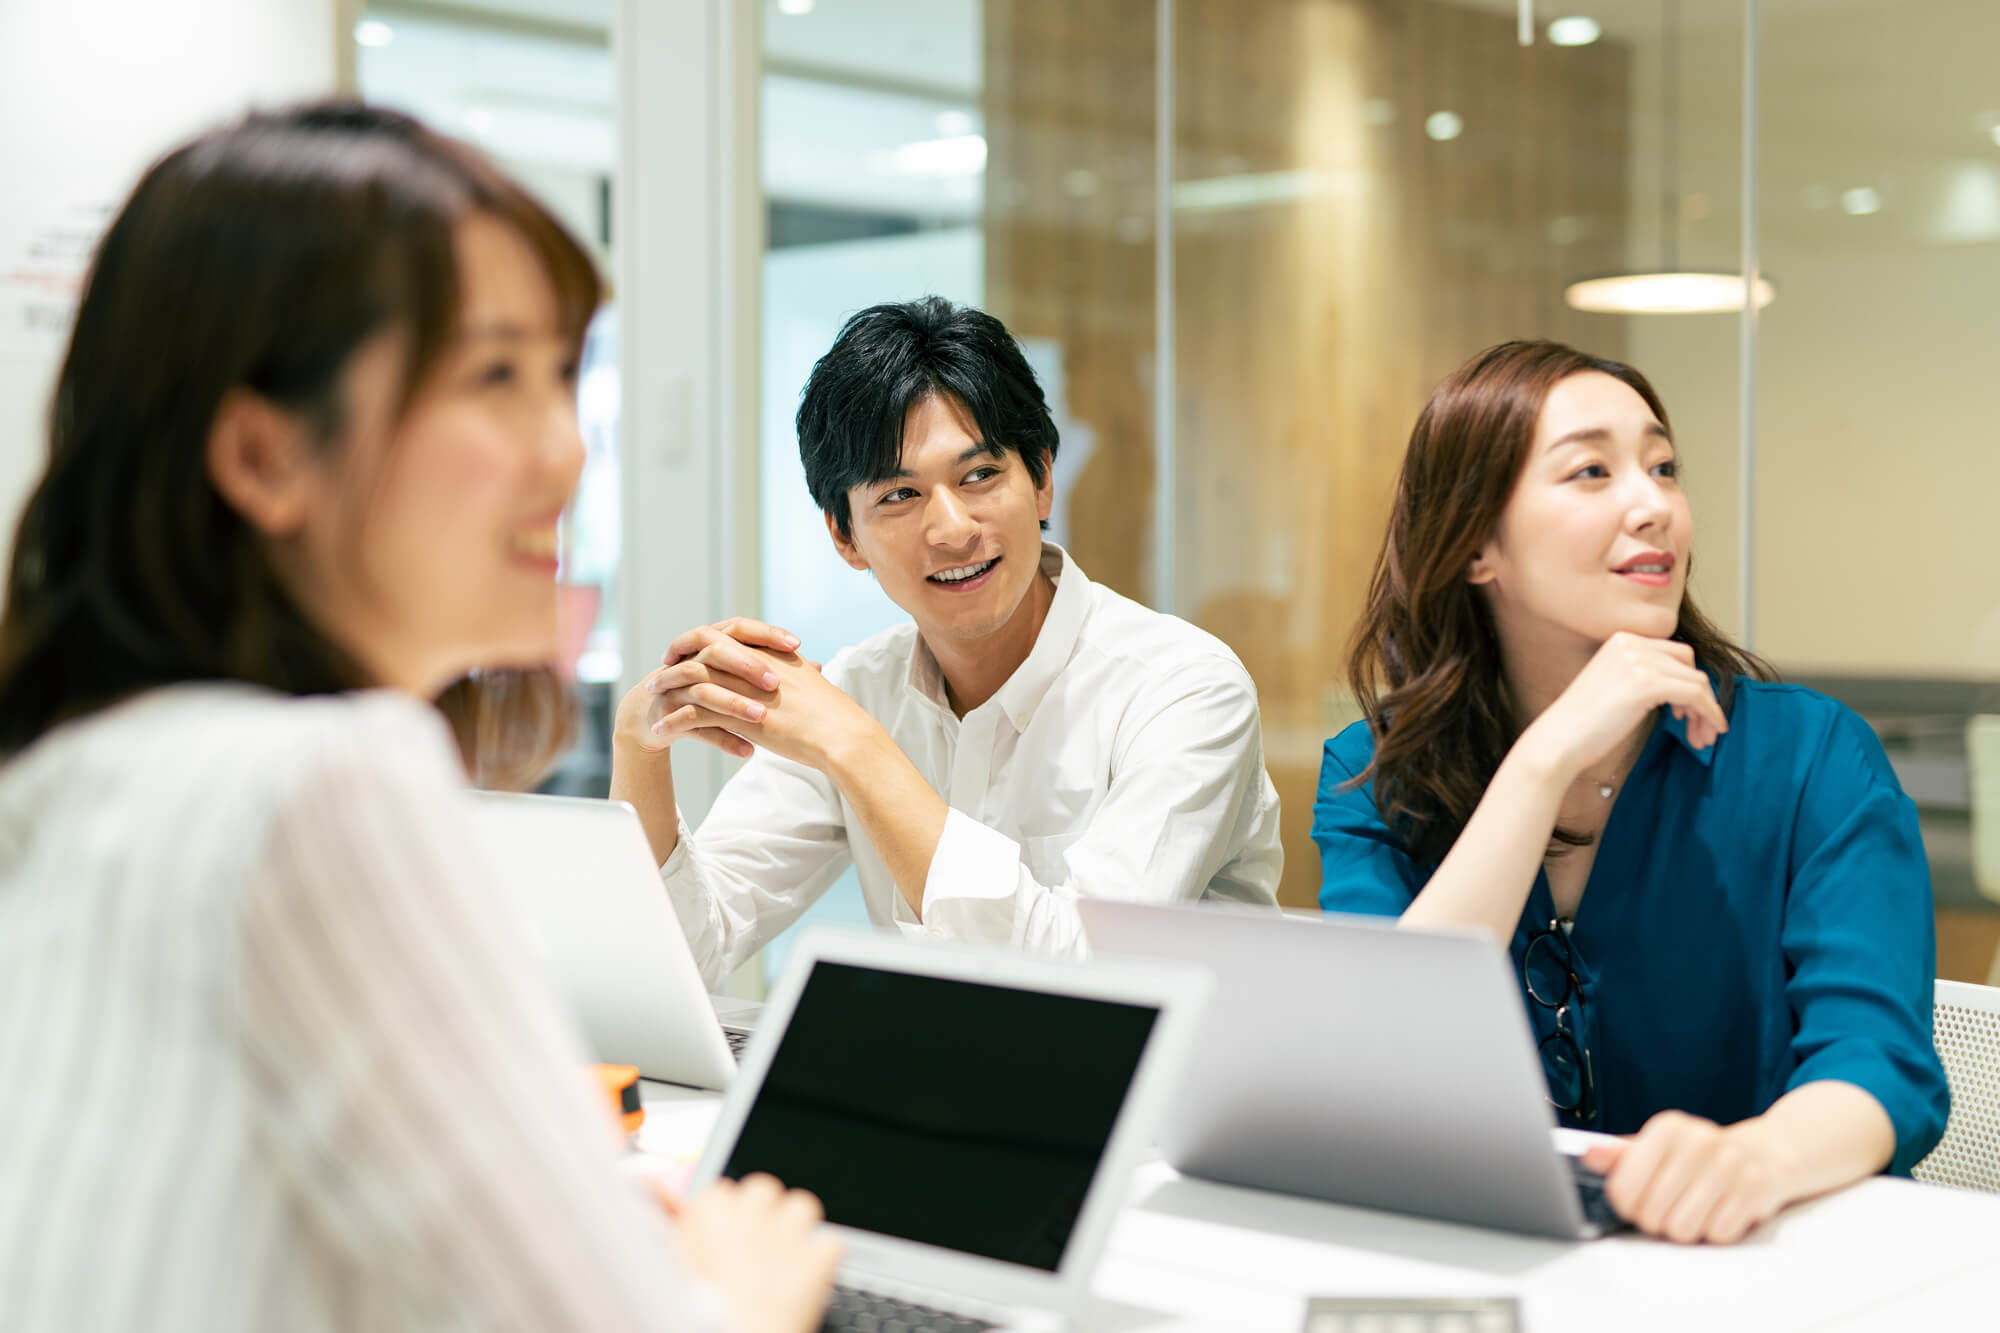 有料Web会議|手持ちのパソコンで会議をしたい、無料版Web会議よりも安定した通信やサポート、大人数での会議をのぞむ場合におすすめ